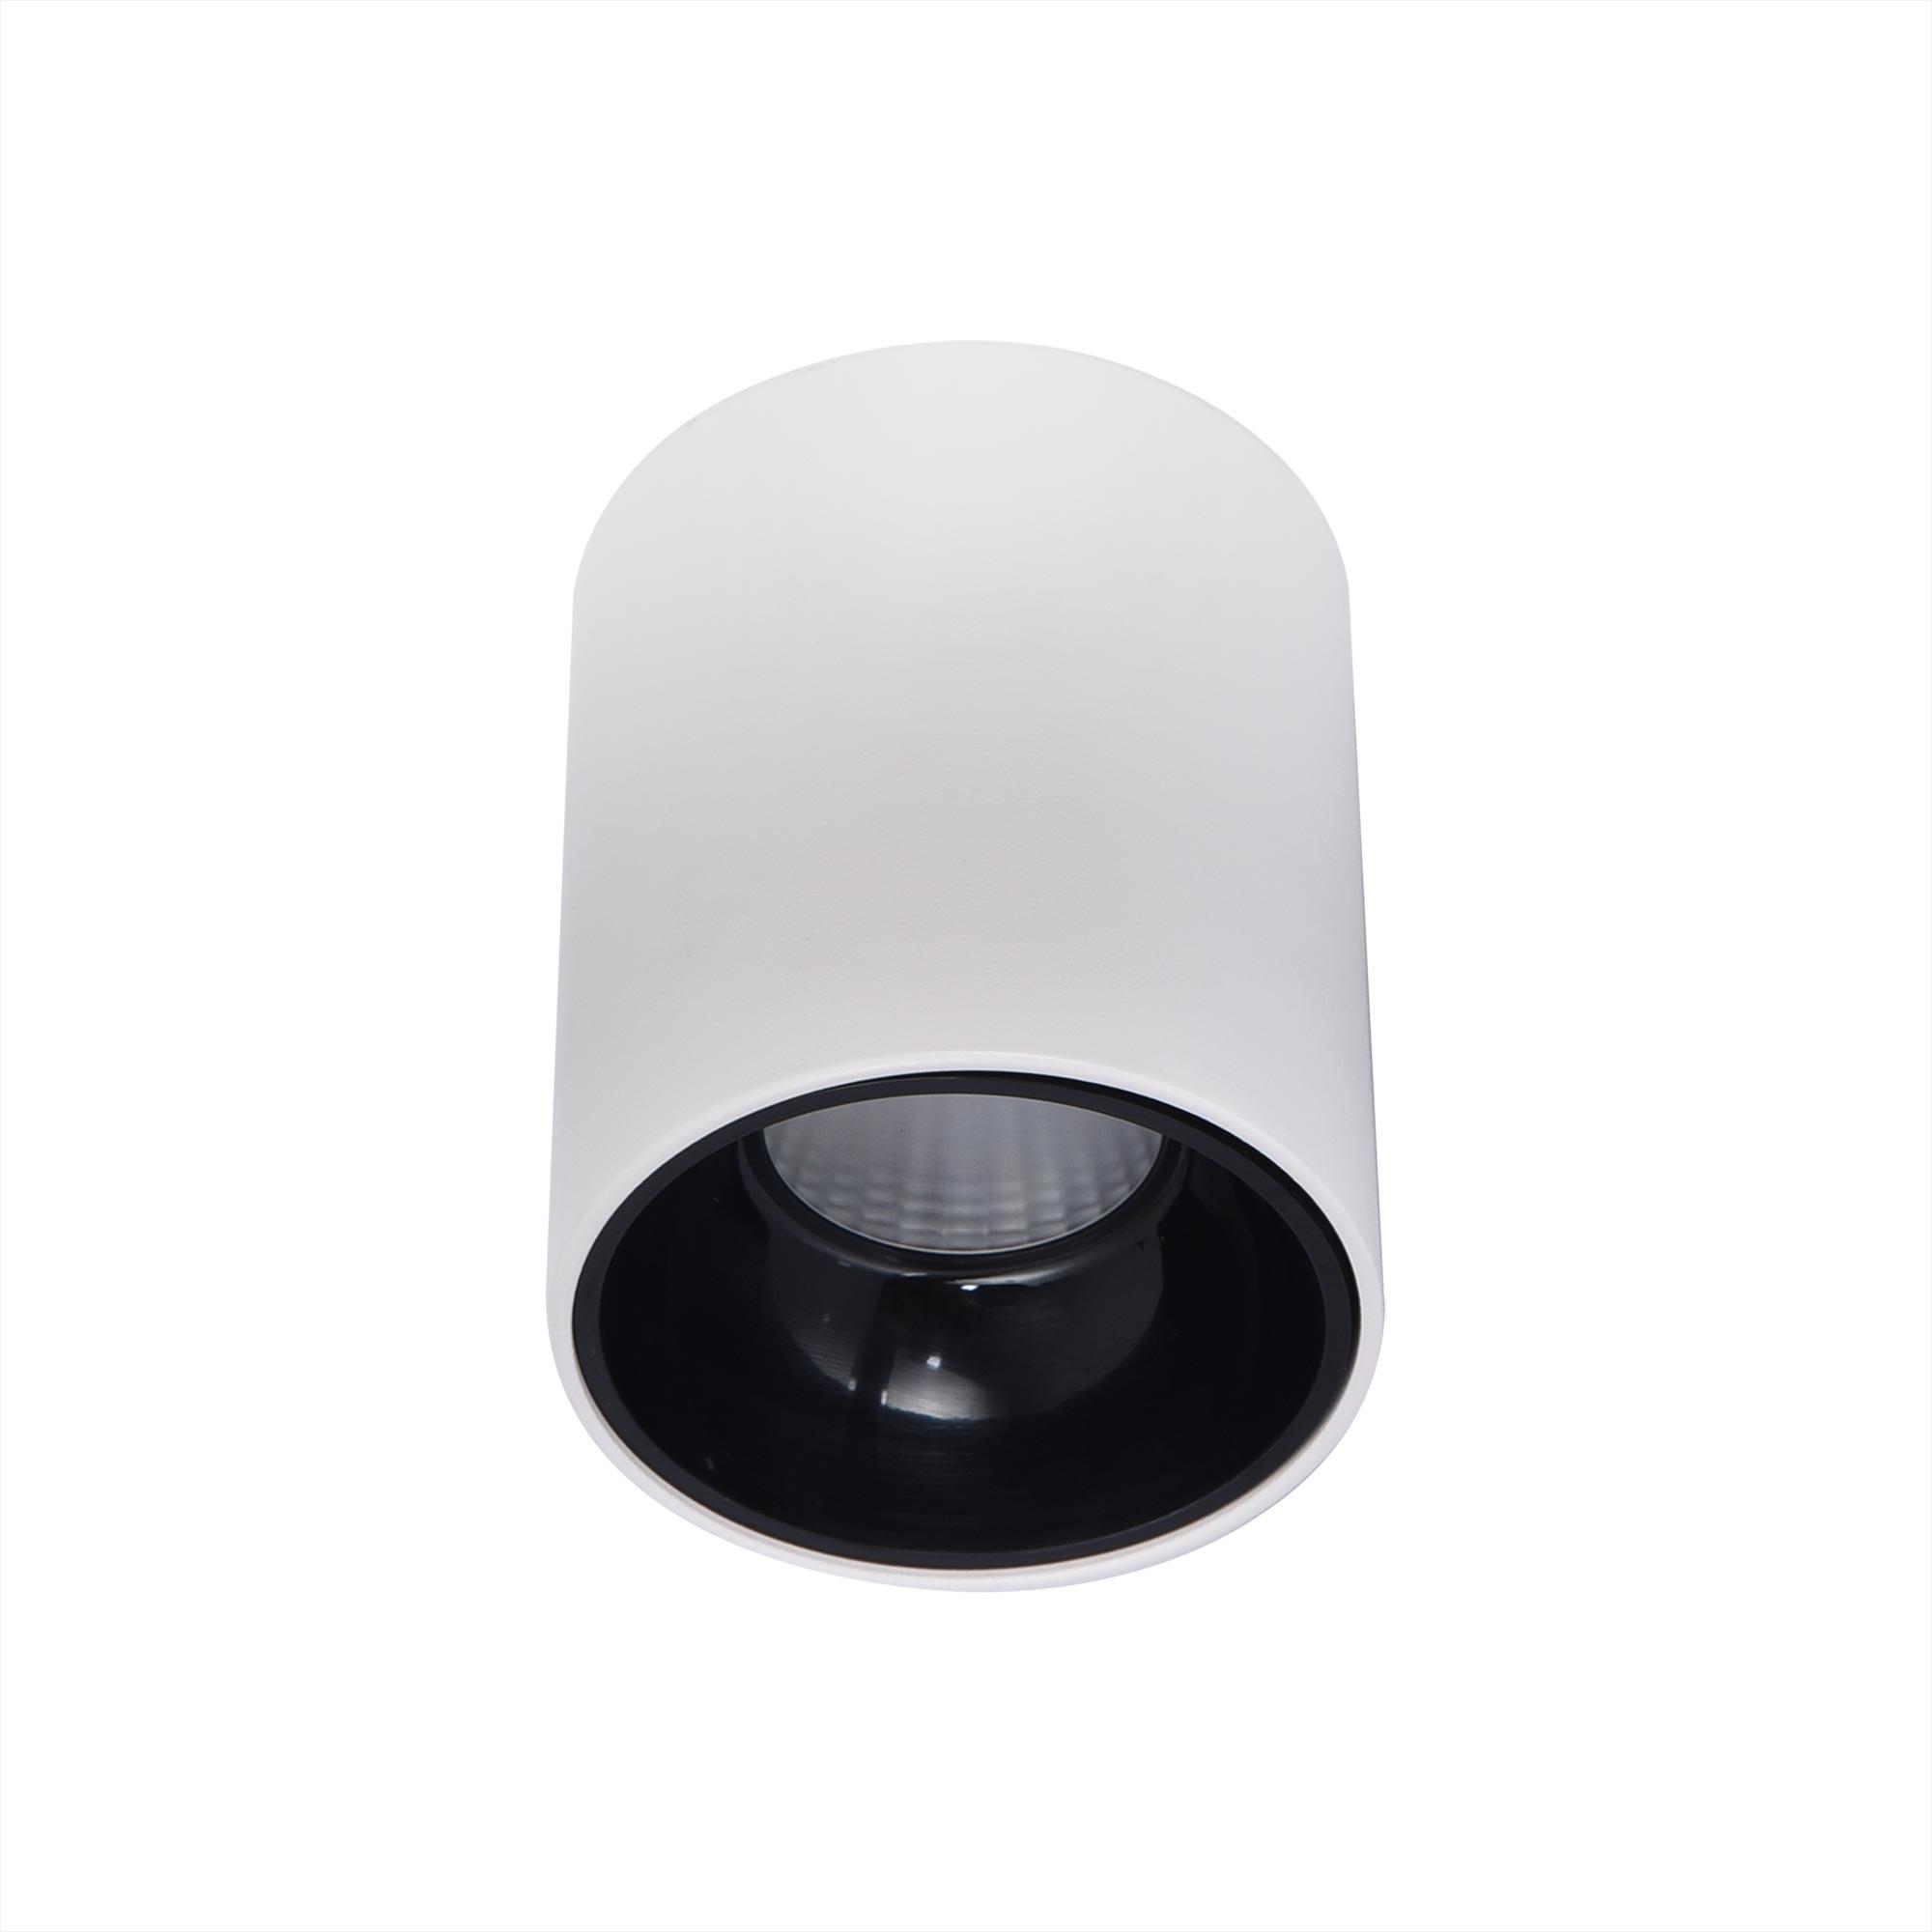 Настенно-потолочный светодиодный светильник Citilux cl7440101 старк 12wх3500k настенно потолочный светодиодный светильник citilux cl7440101 старк 12wх3500k